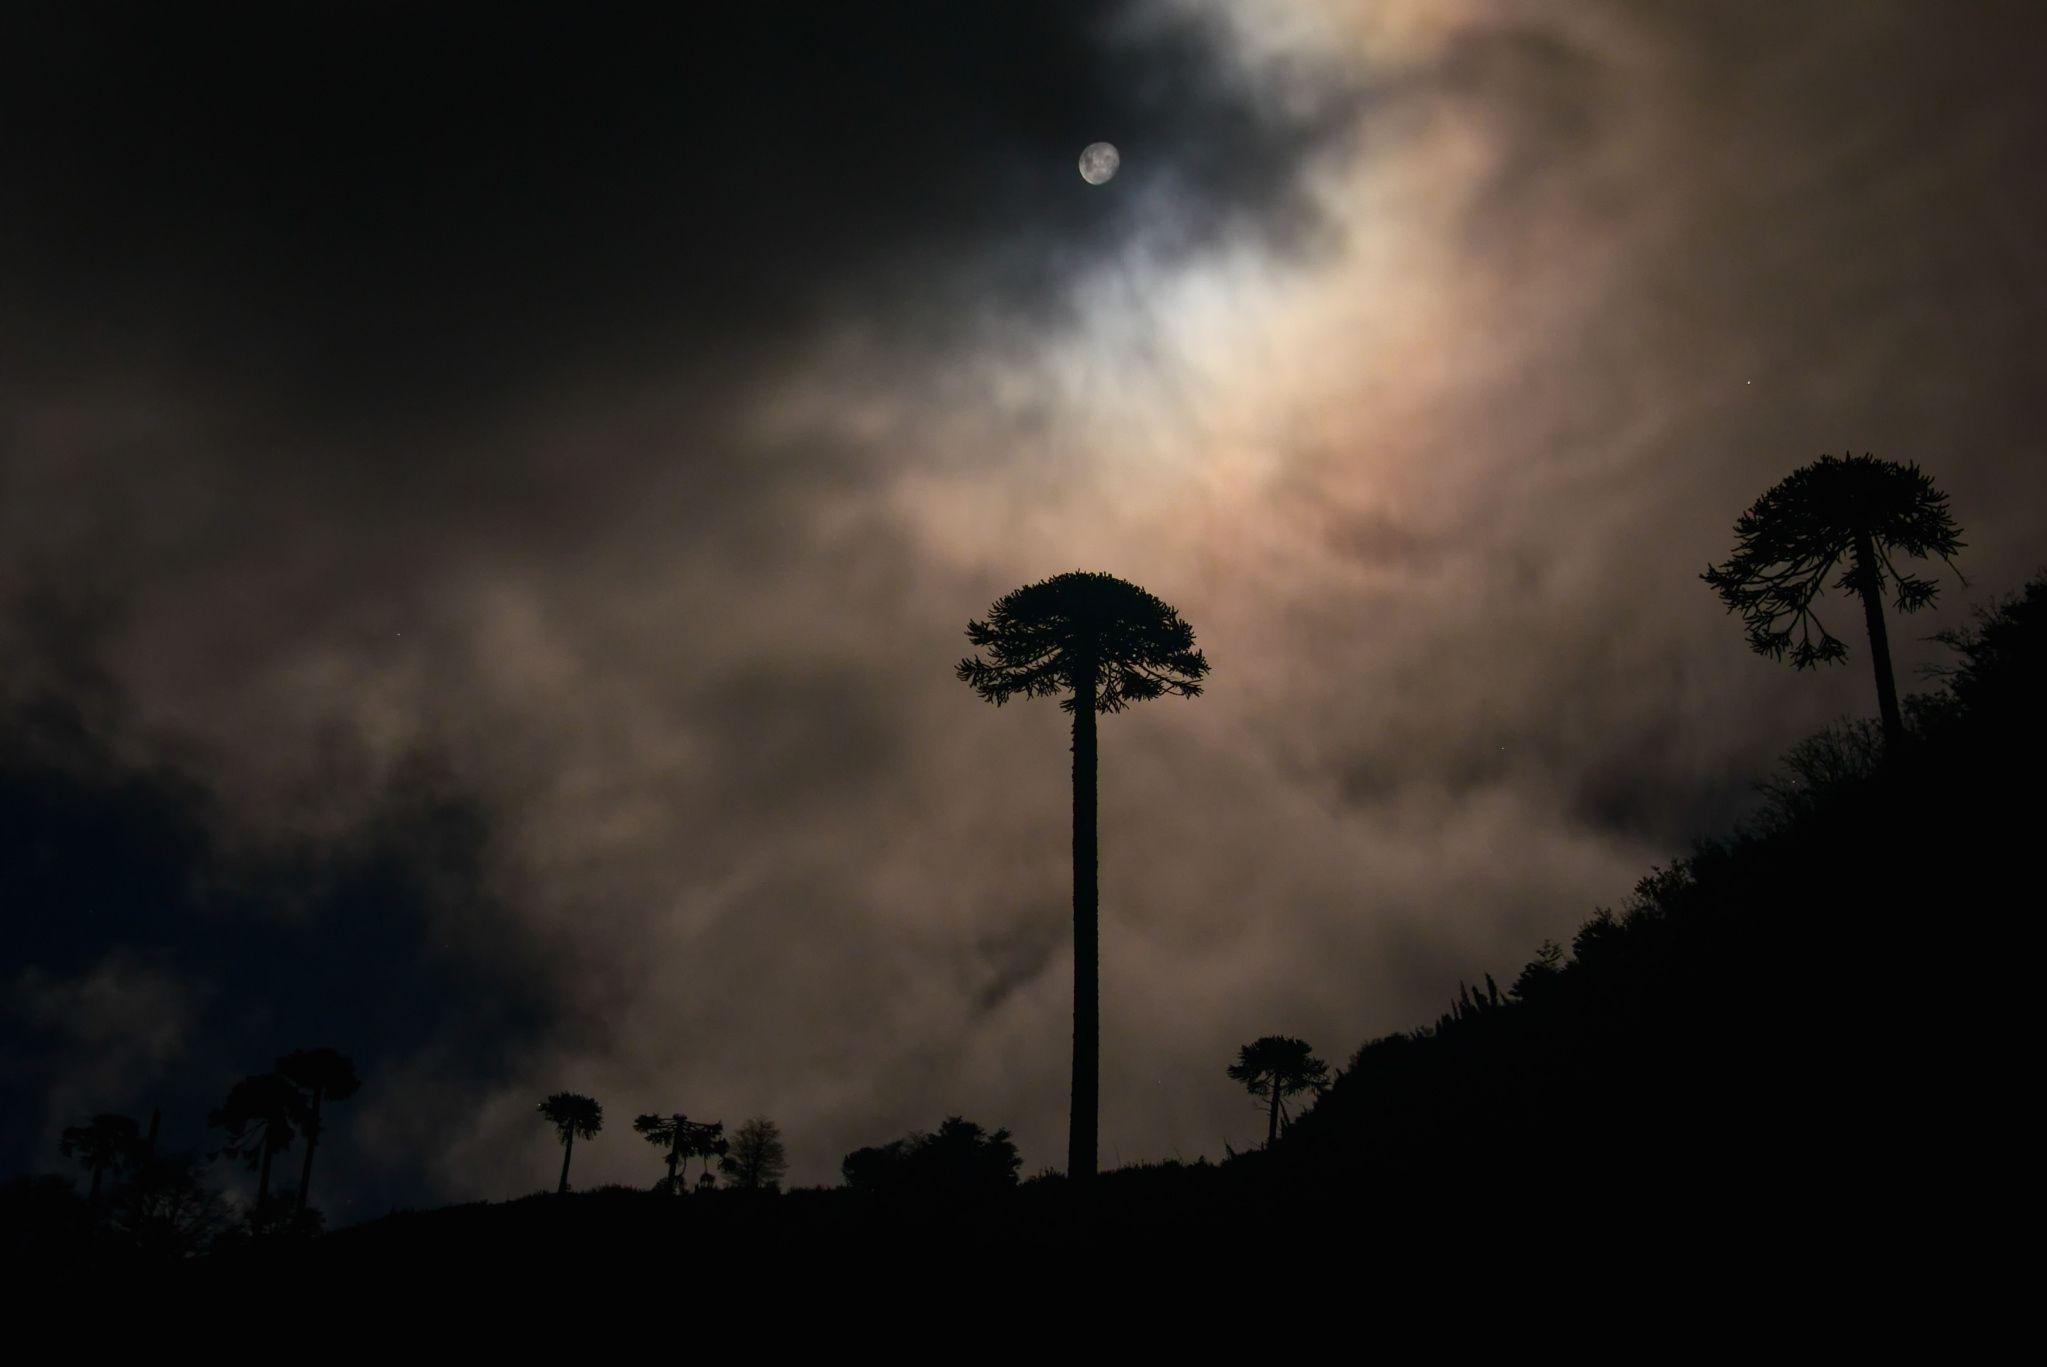 araucaria noche - Noche de Araucanía